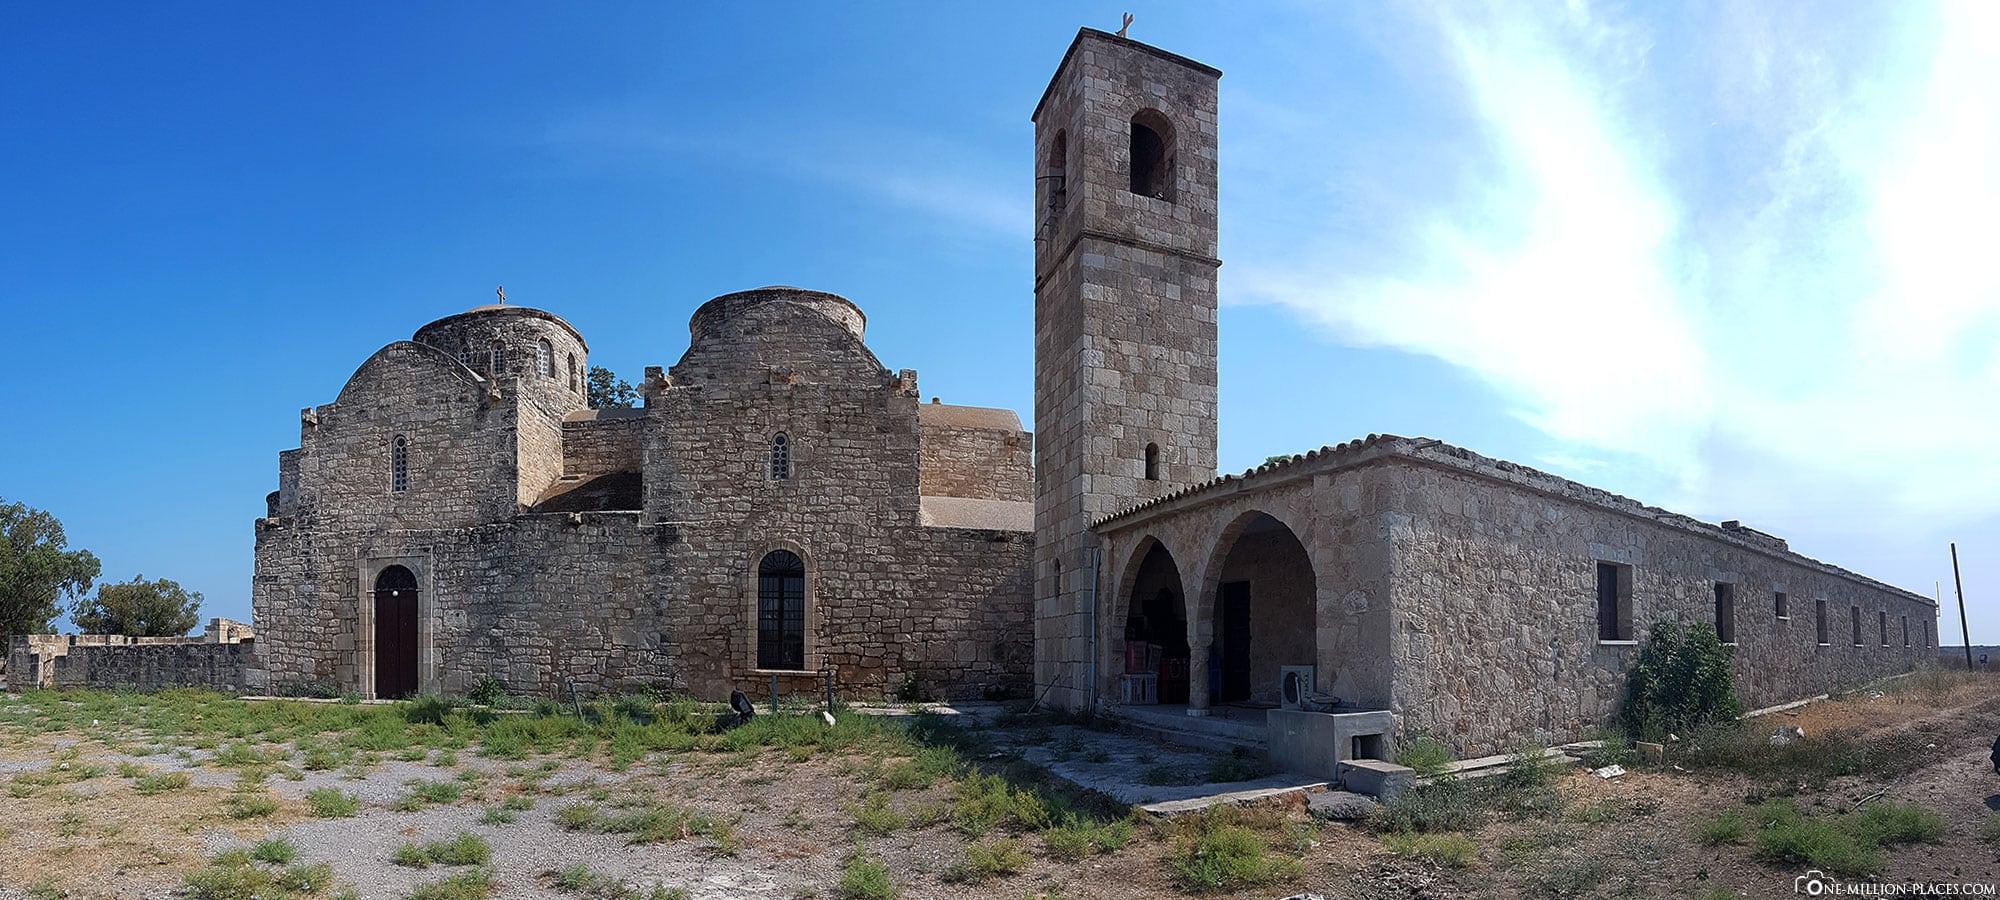 Panoramabild vom St. Barnabas Kloster, Zypern, Ostküste, Sehenswürdigkeiten, Auf eigene Faust, Reisebericht